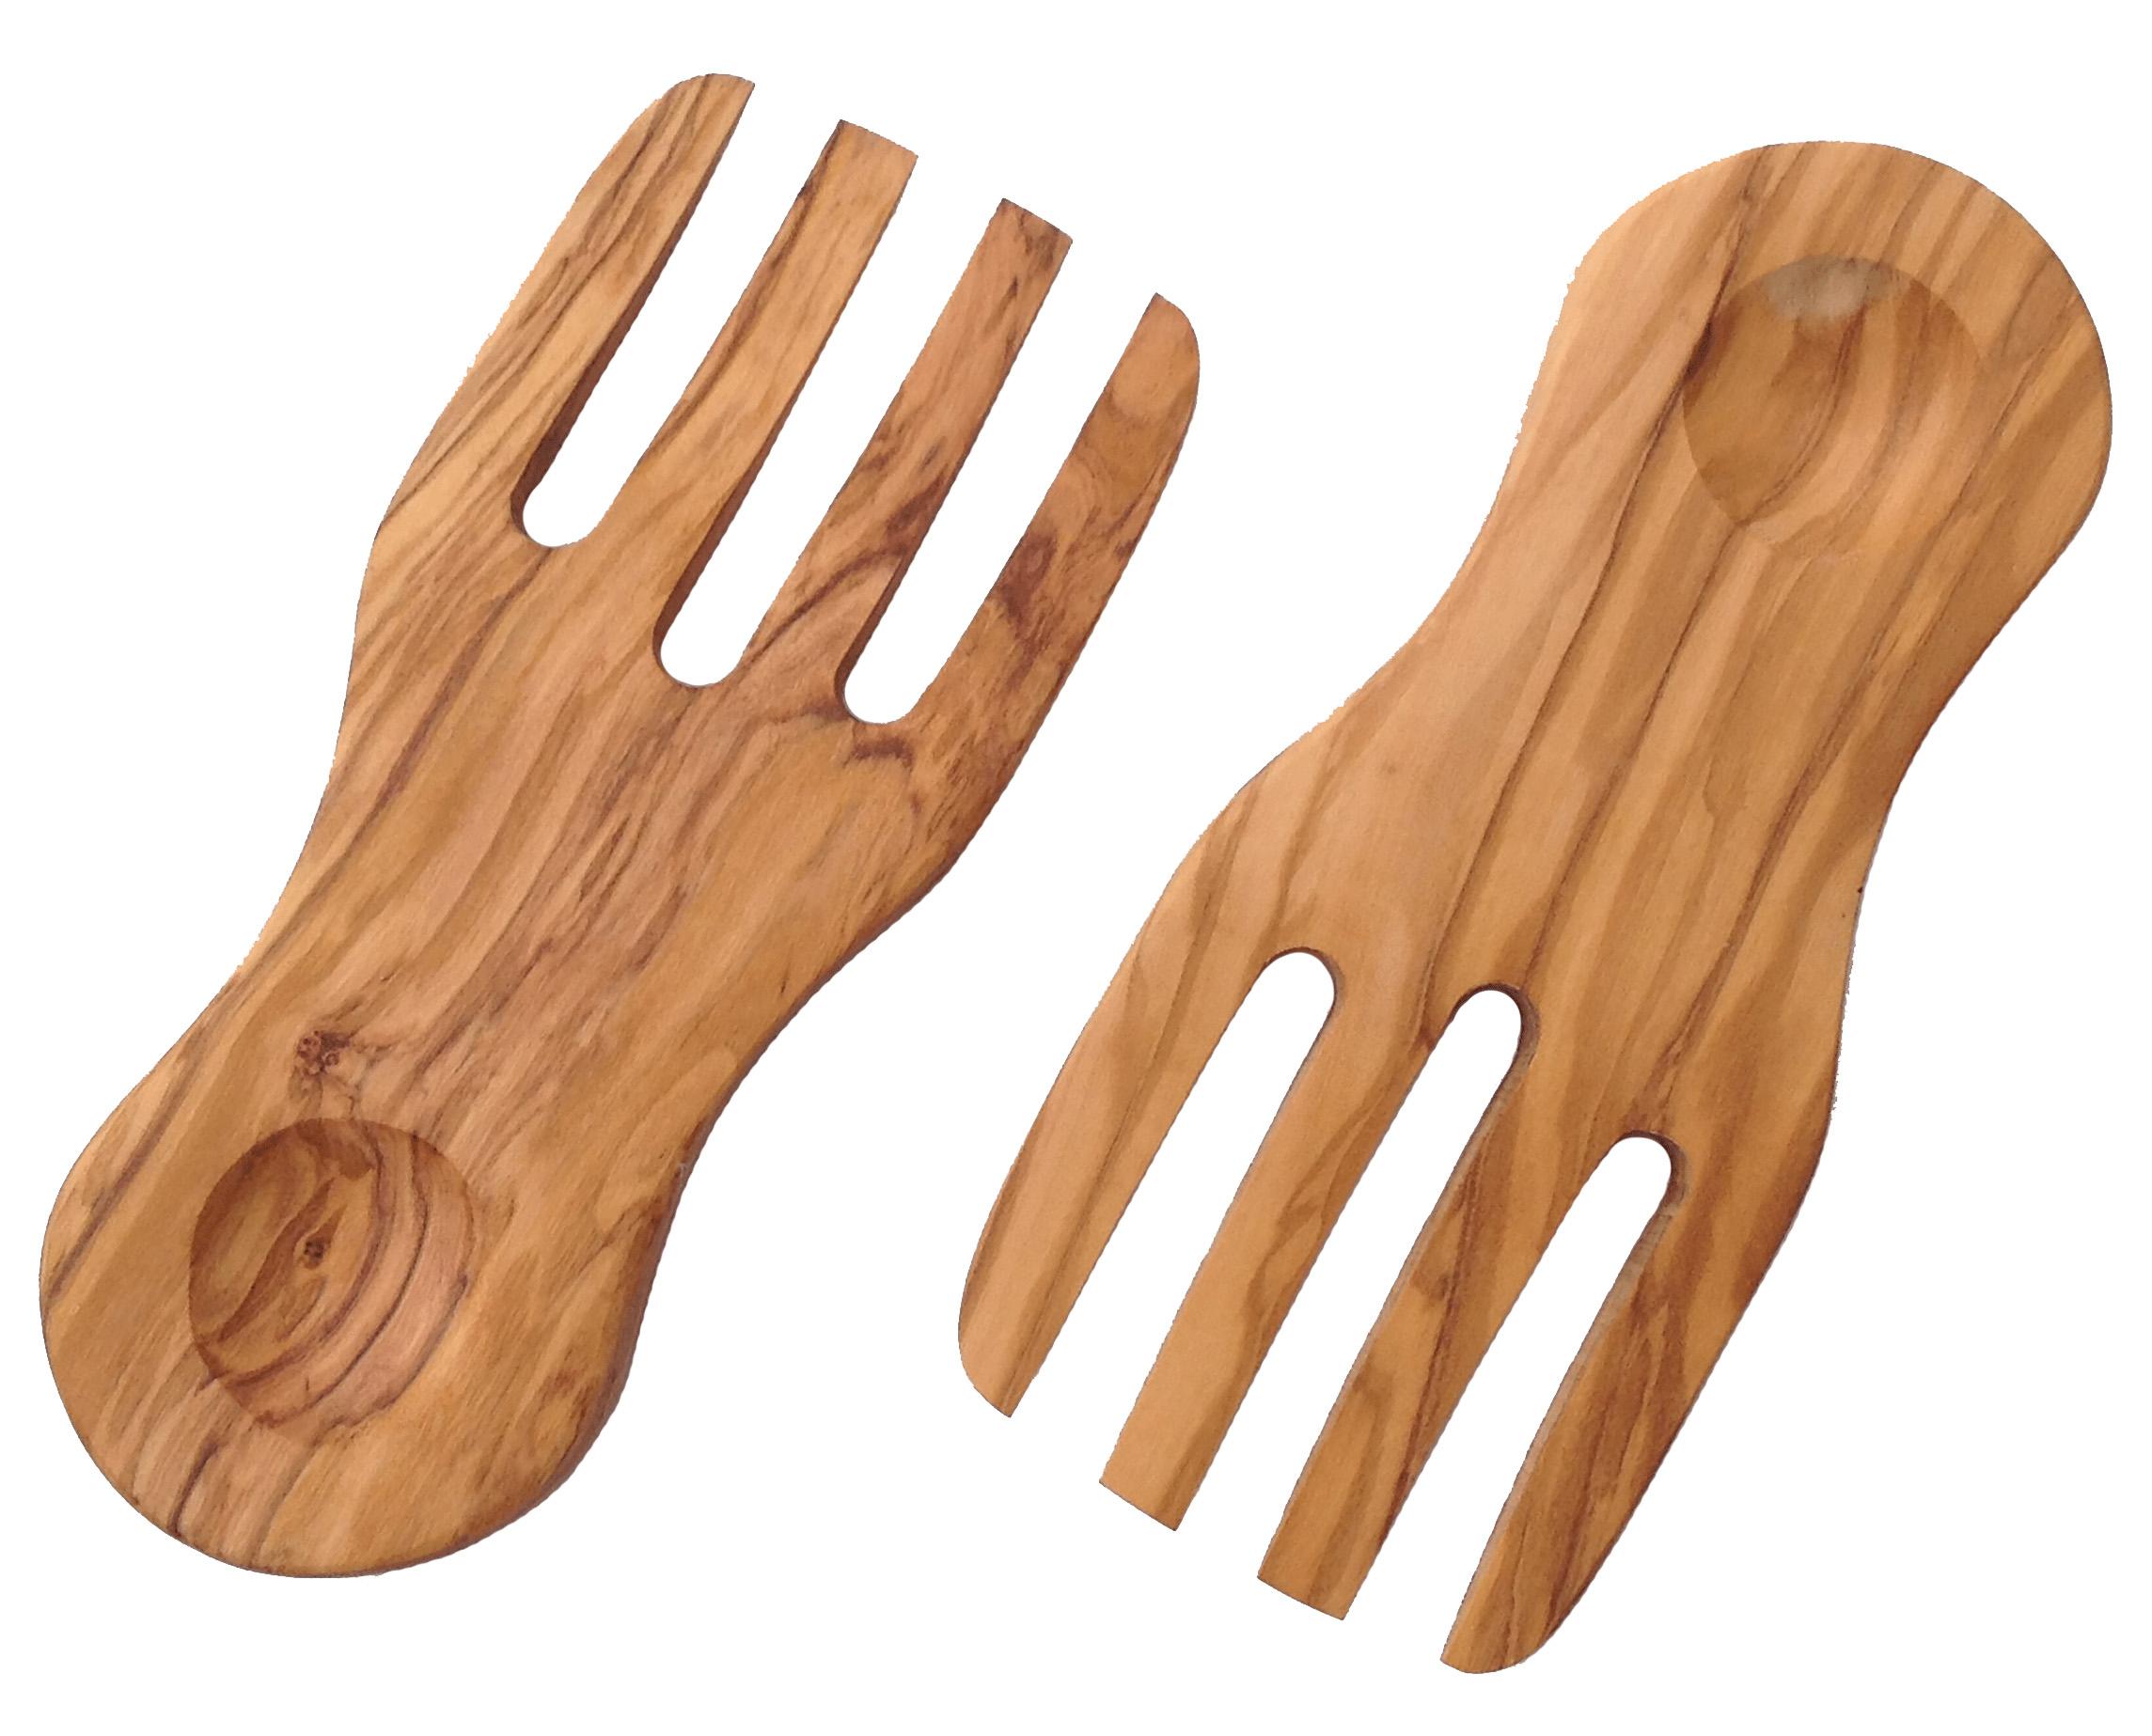 Forchette mani in legno di olivo per insalata